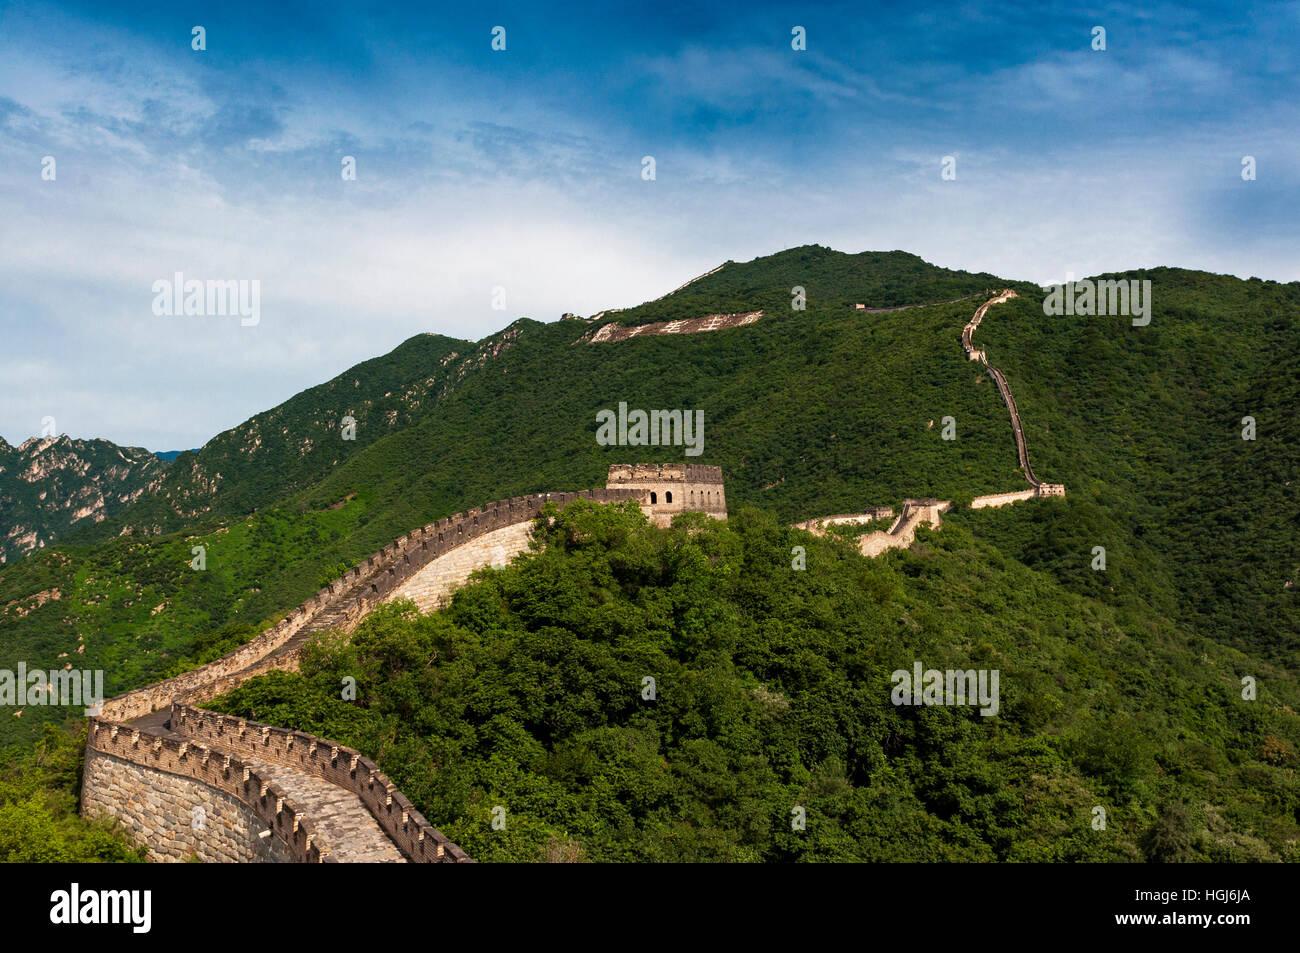 Blick auf die chinesische Mauer bei Mutianyu, China; Konzept für eine Reise nach China Stockbild